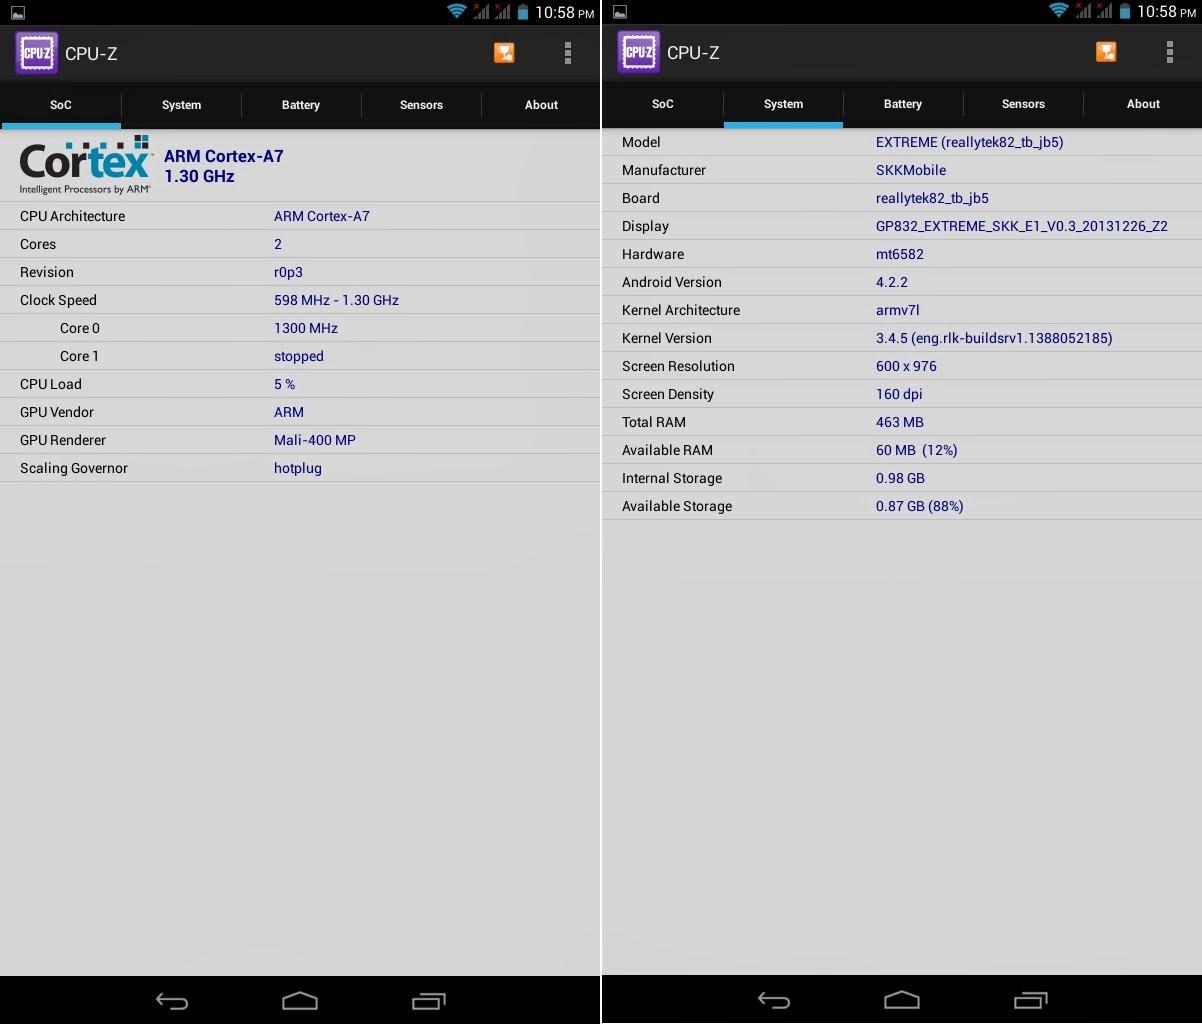 SKK Mobile Extreme CPU-Z Info